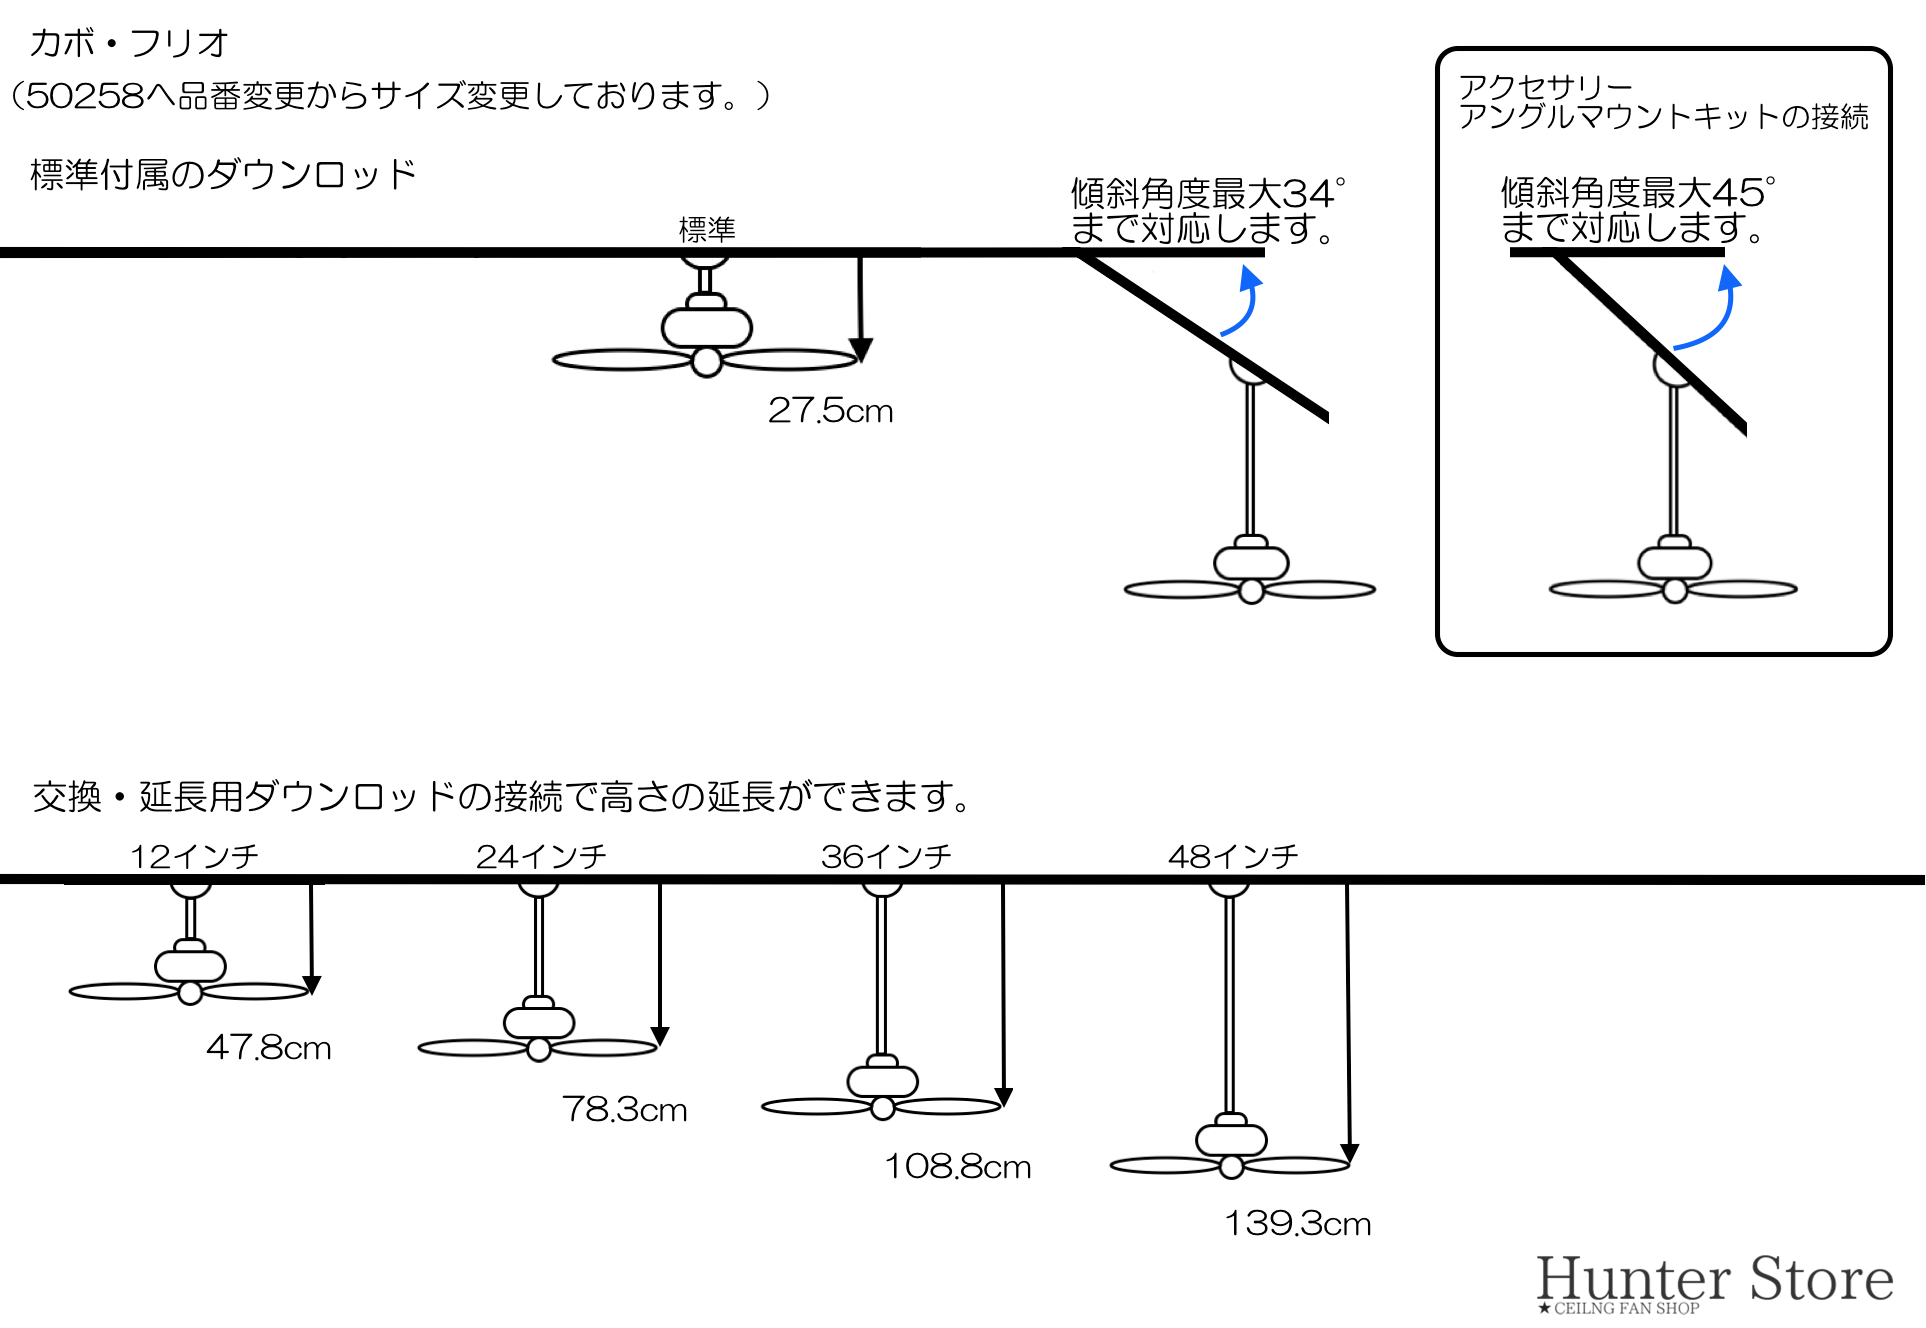 カボ・フリオ【壁コントローラ・12㌅31cmダウンロッド付】 - 画像4